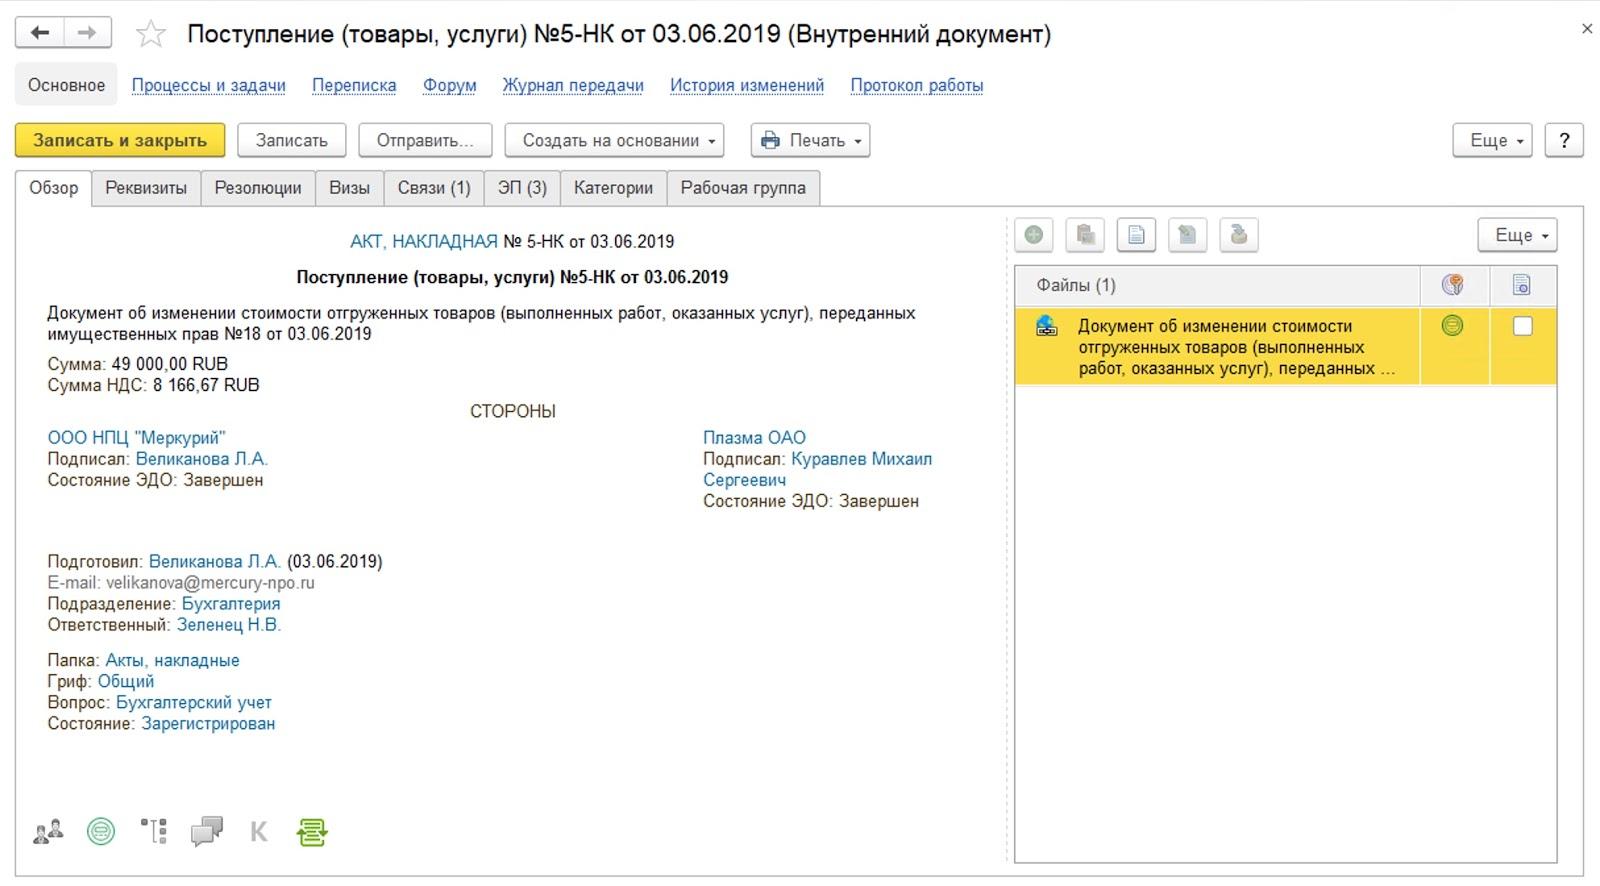 Рис.1 Работа с внутренними документами